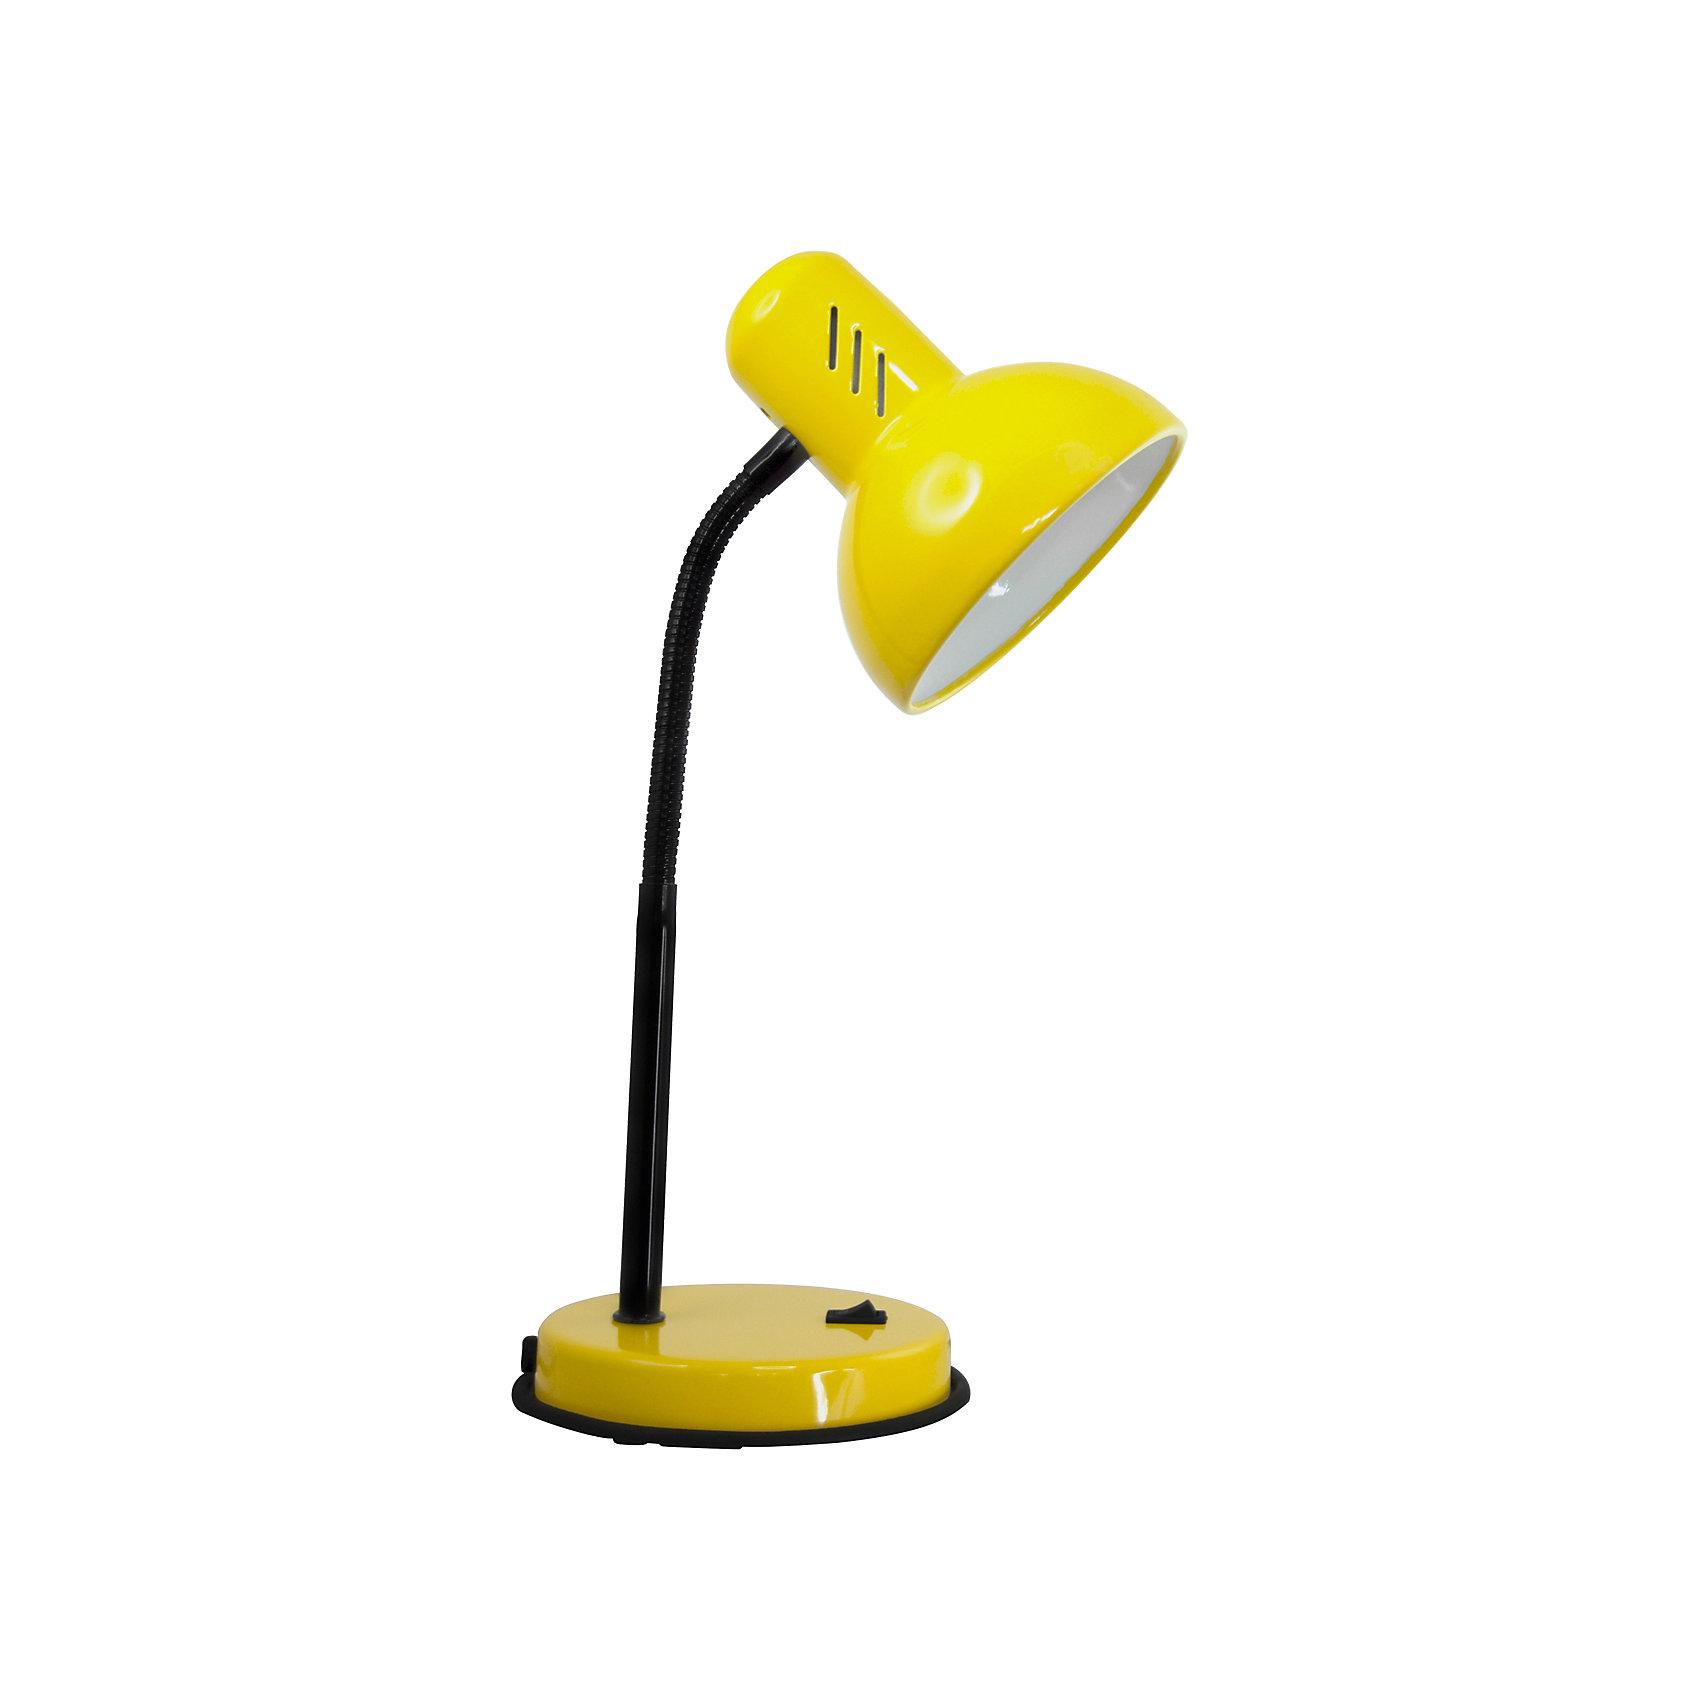 Настольный светильник Основание 40Вт ЛН, Ultra Light, жёлтыйЖёлтый светильник, 40 Вт – это классический светильник для освещения рабочего стола.<br>Жёлтый светильник классического дизайна идеально подойдет для освещения рабочего места дома и в офисе. Плафон изготовлен из облегчённого металла, покрыт специальной устойчивой эмалью. Патрон светильника прочно закреплён, изготовлен из керамики. Сетевой шнур с вилкой длиной 1,8м. имеет двойную изоляцию, не требует заземления. Вилка изготовлена из пластичного материала, предотвращающего появление трещин. Светильник удобен и практичен в использовании.<br><br>Дополнительная информация: <br><br>- Материал плафона: металл<br>- Цвет: желтый<br>- Питание: от сети 220В<br>- Тип цоколя: E27<br>- Мощность лампы: 40 Вт<br>- Длина шнура питания с вилкой: 1,8 м.<br>- Размер светильника: 16х30х13,3 см.<br>- Размер упаковки: 26х22,5х16,3 см.<br>- Вес: 860 гр.<br><br>Жёлтый светильник, 40 Вт можно купить в нашем интернет-магазине.<br><br>Ширина мм: 260<br>Глубина мм: 225<br>Высота мм: 163<br>Вес г: 860<br>Возраст от месяцев: 36<br>Возраст до месяцев: 192<br>Пол: Унисекс<br>Возраст: Детский<br>SKU: 4641465